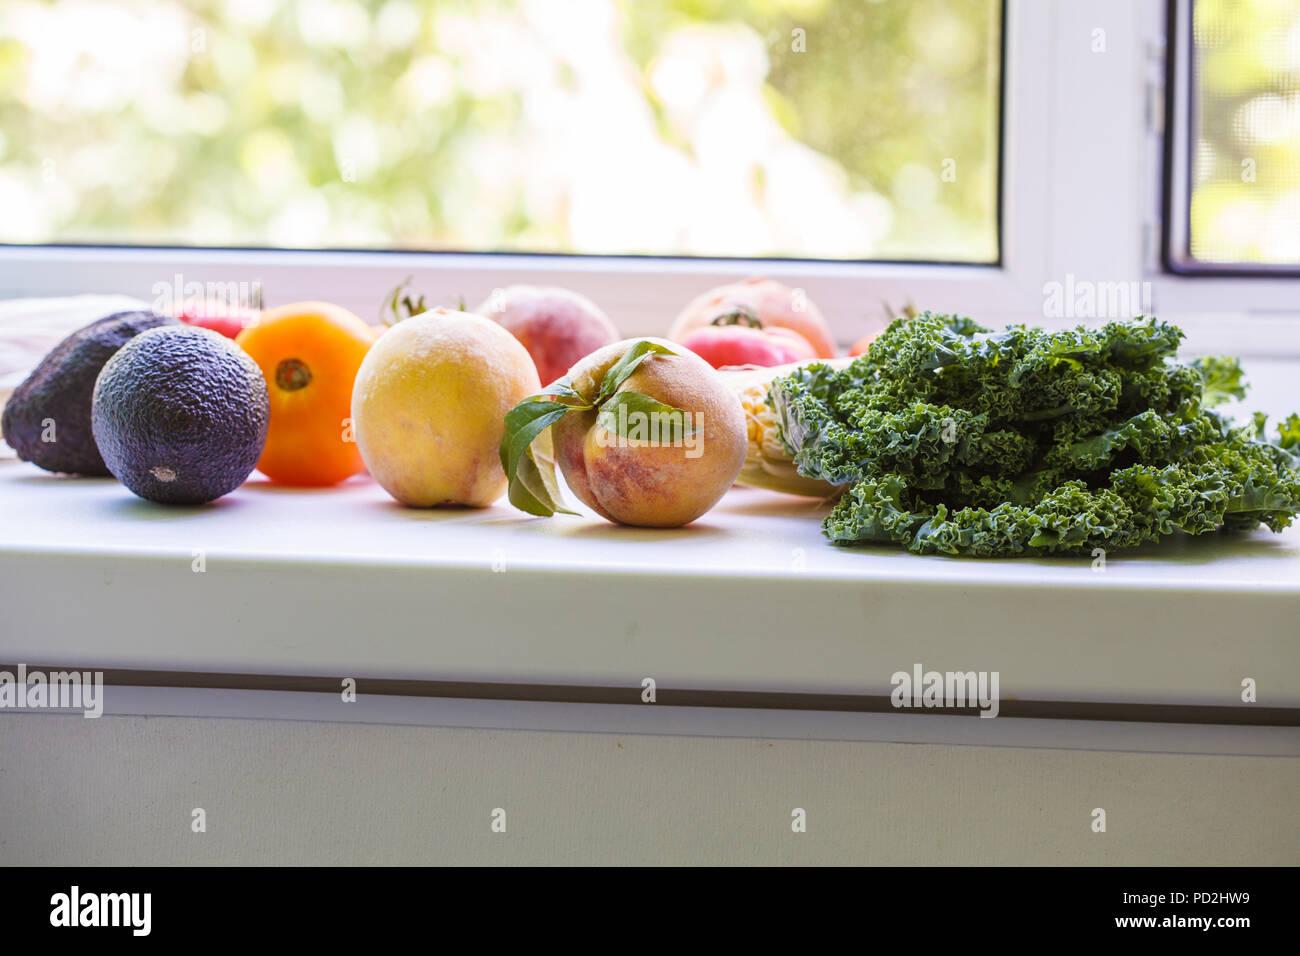 Stagionali estivi di frutta e verdura sul davanzale. Pulire sano concetto di mangiare. Immagini Stock